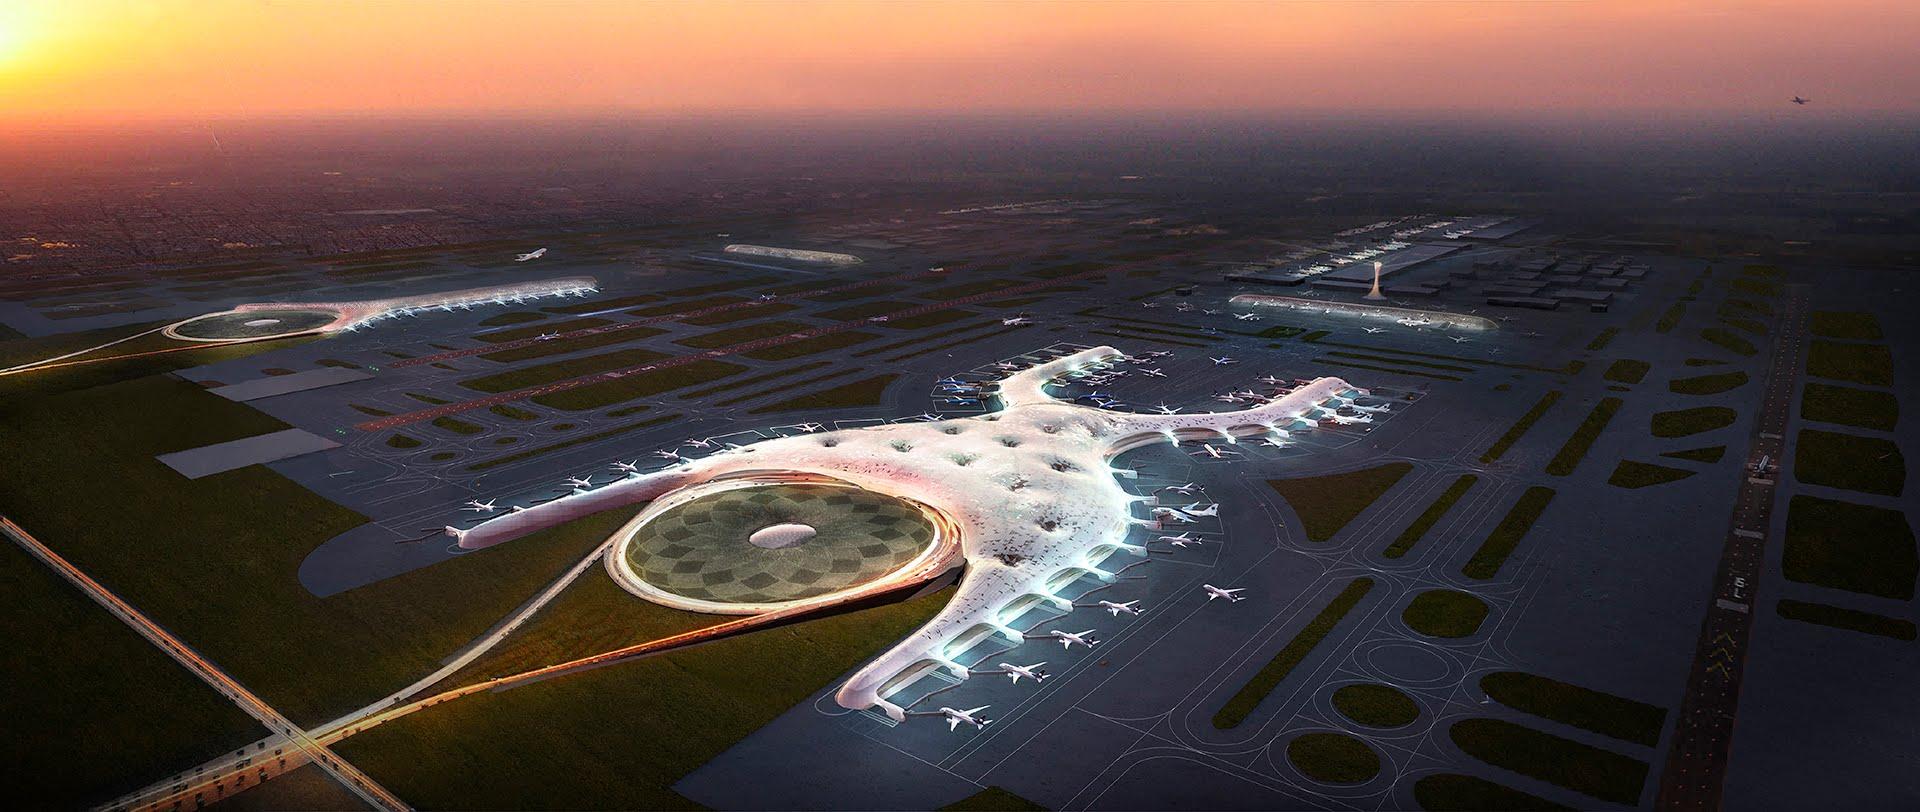 El Nuevo Aeropuerto Internacional de Ciudad de México es un desastre ambiental: hagamos un parque en su lugar